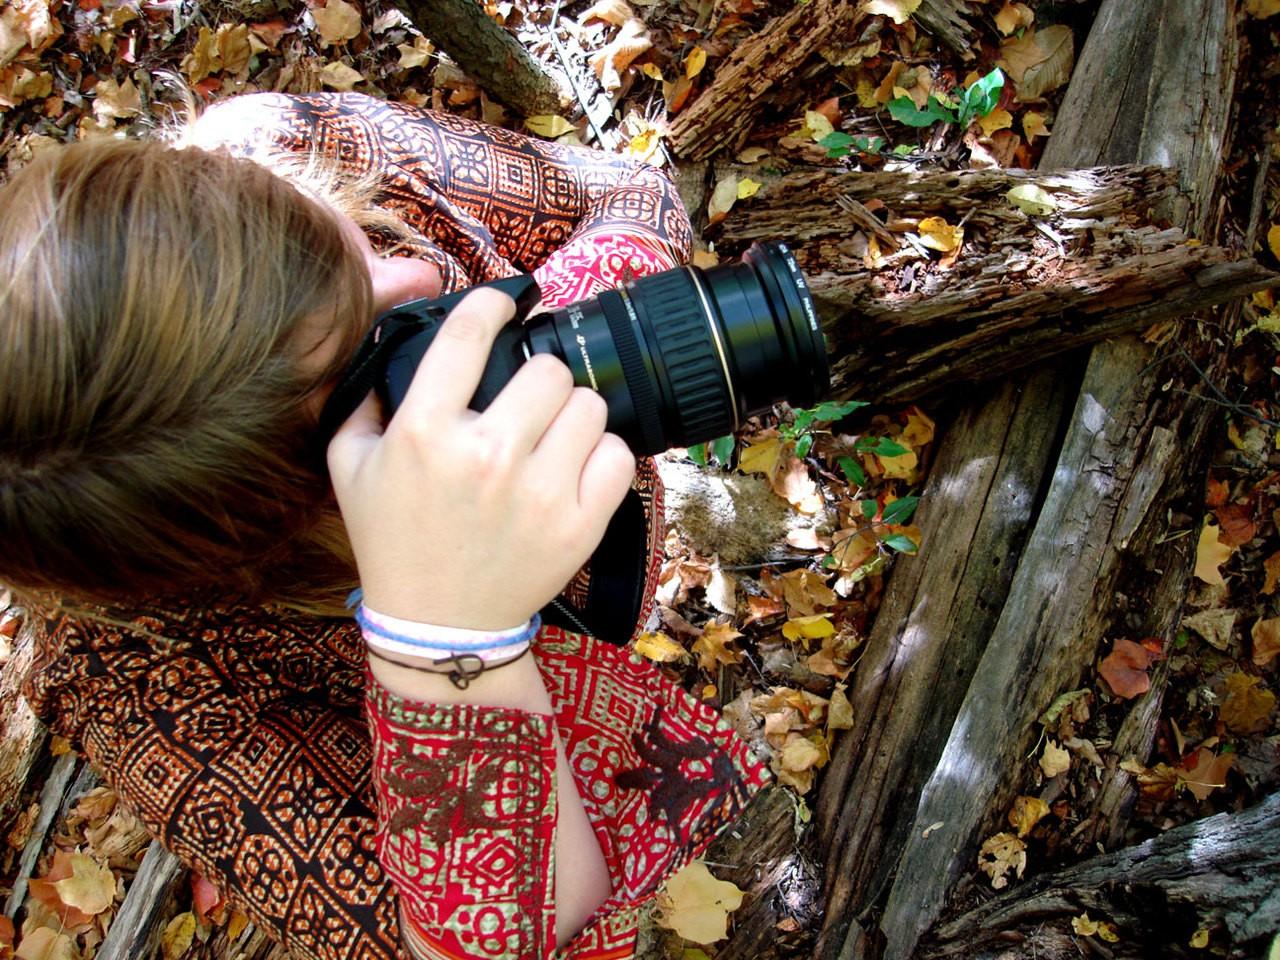 Fotograf to nie tylko dobry sprzęt